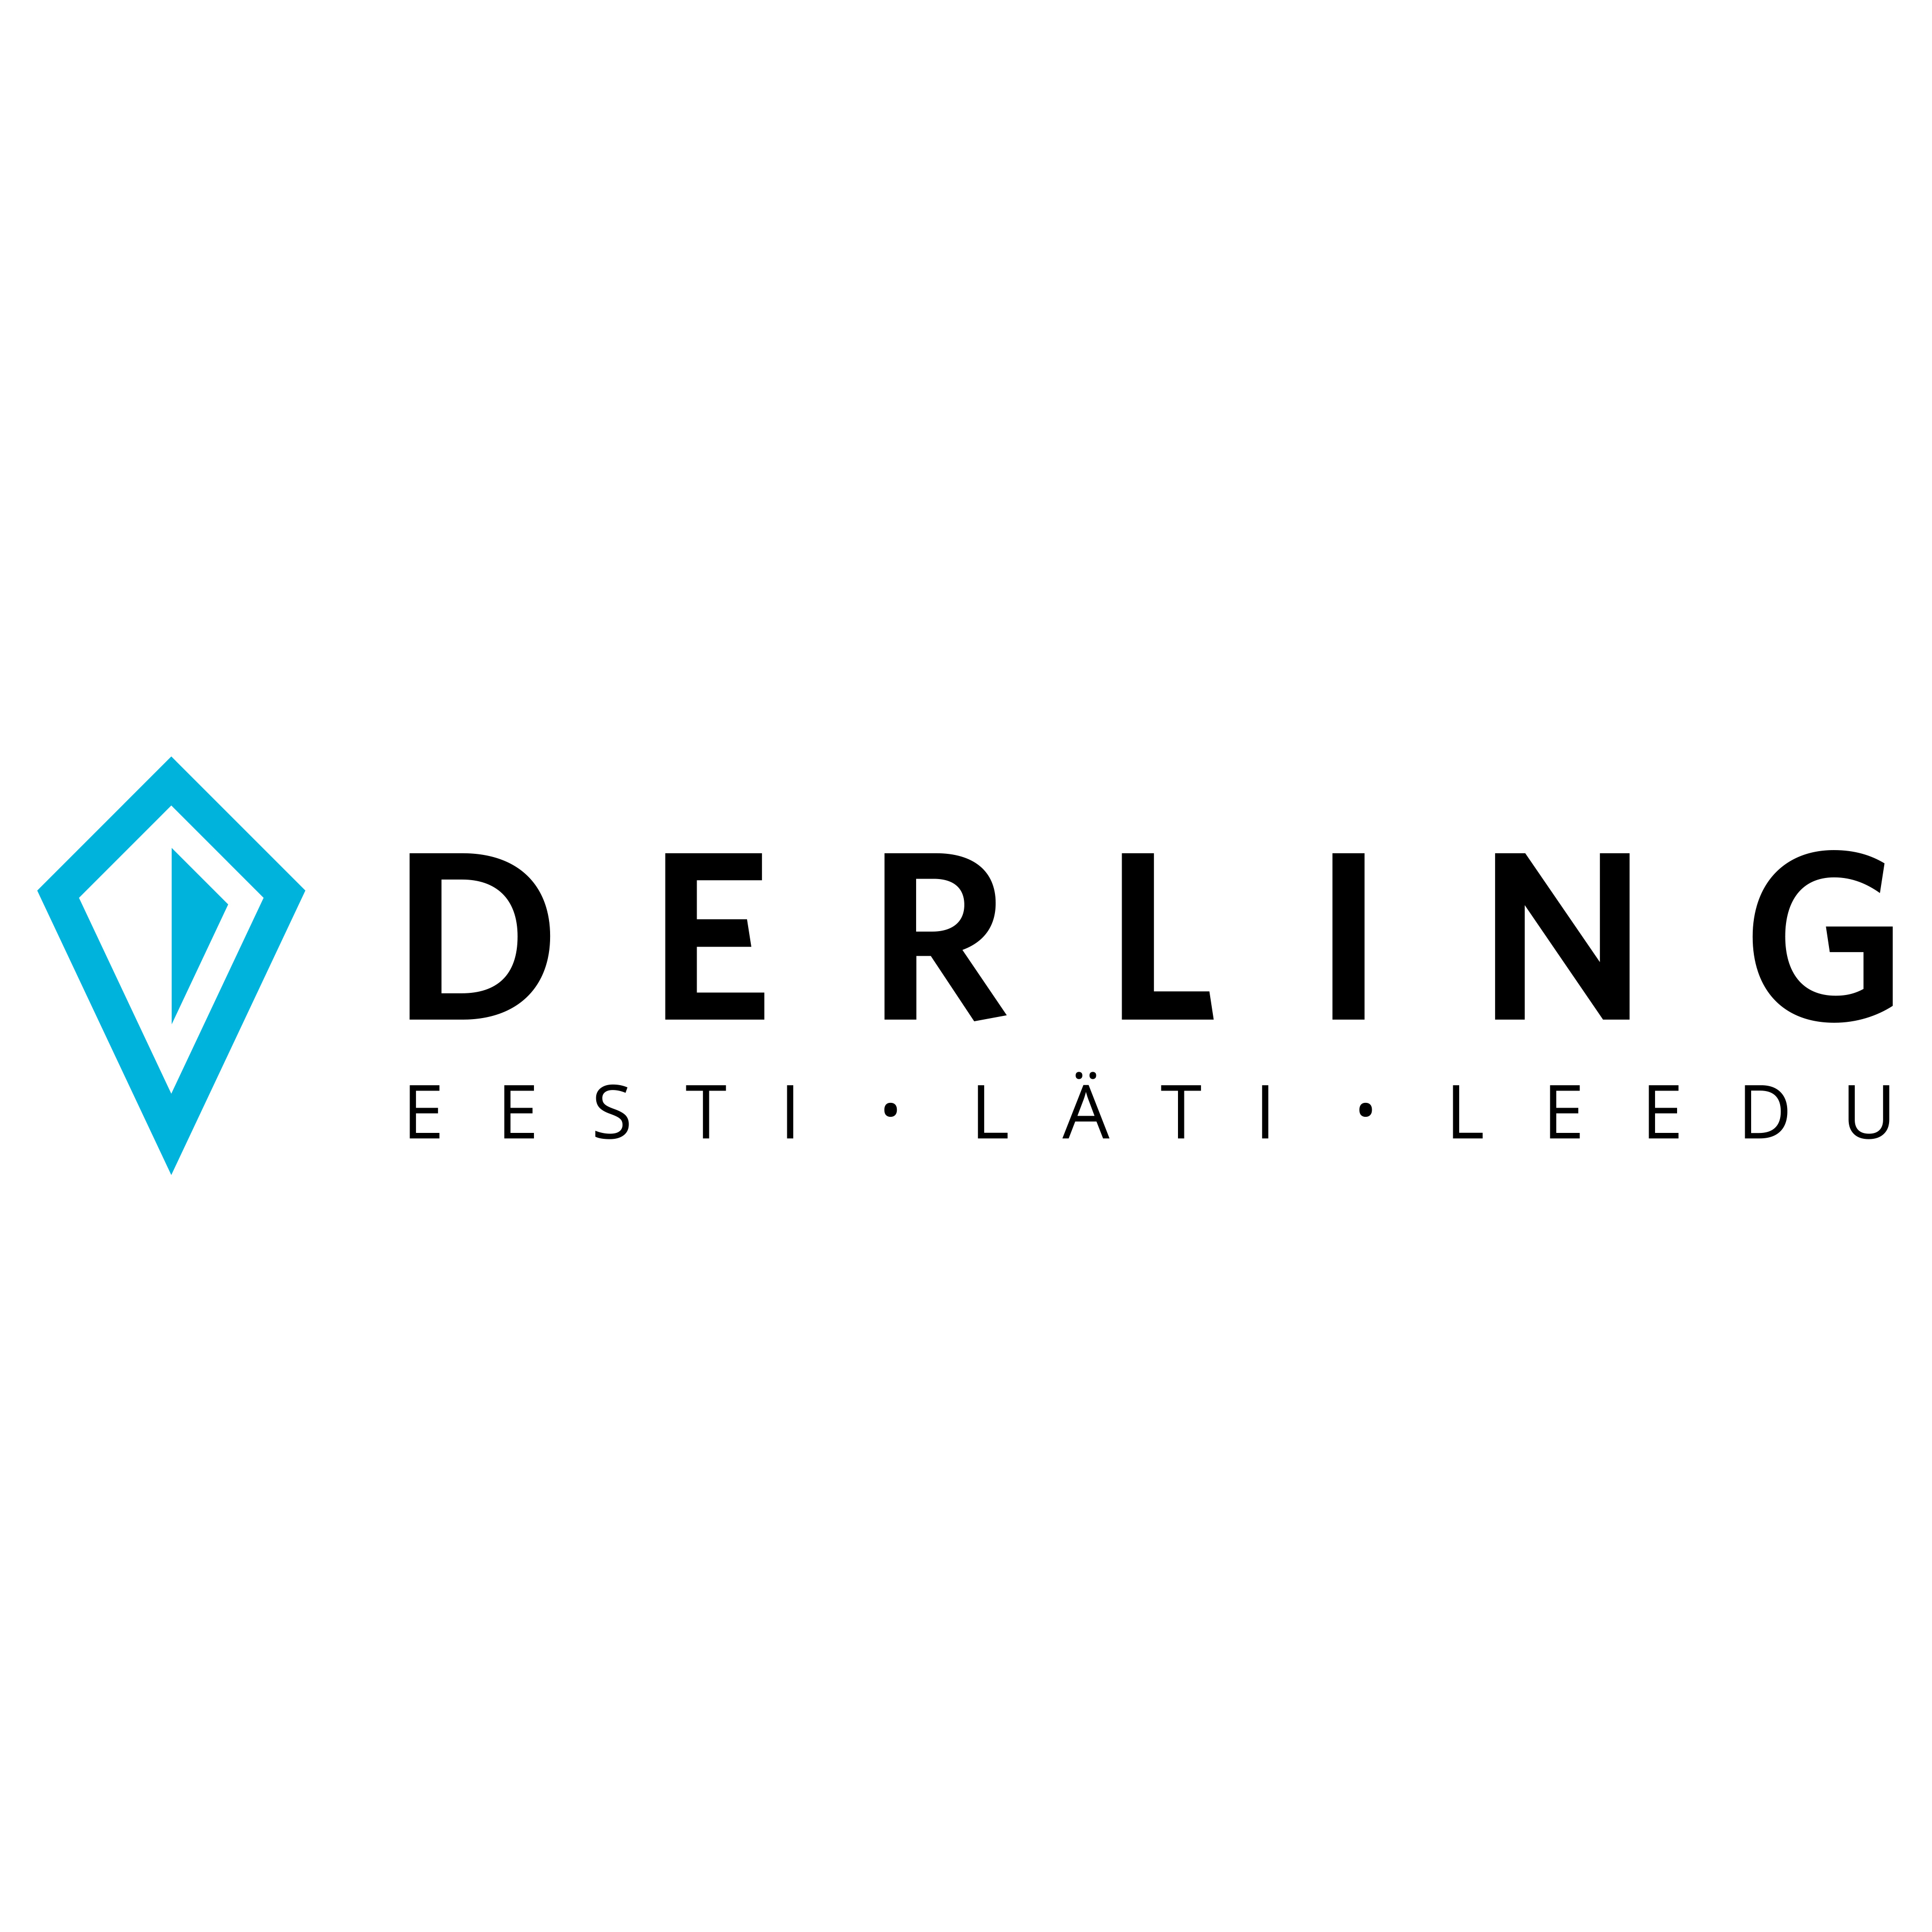 Kronbergs Čukste Derling